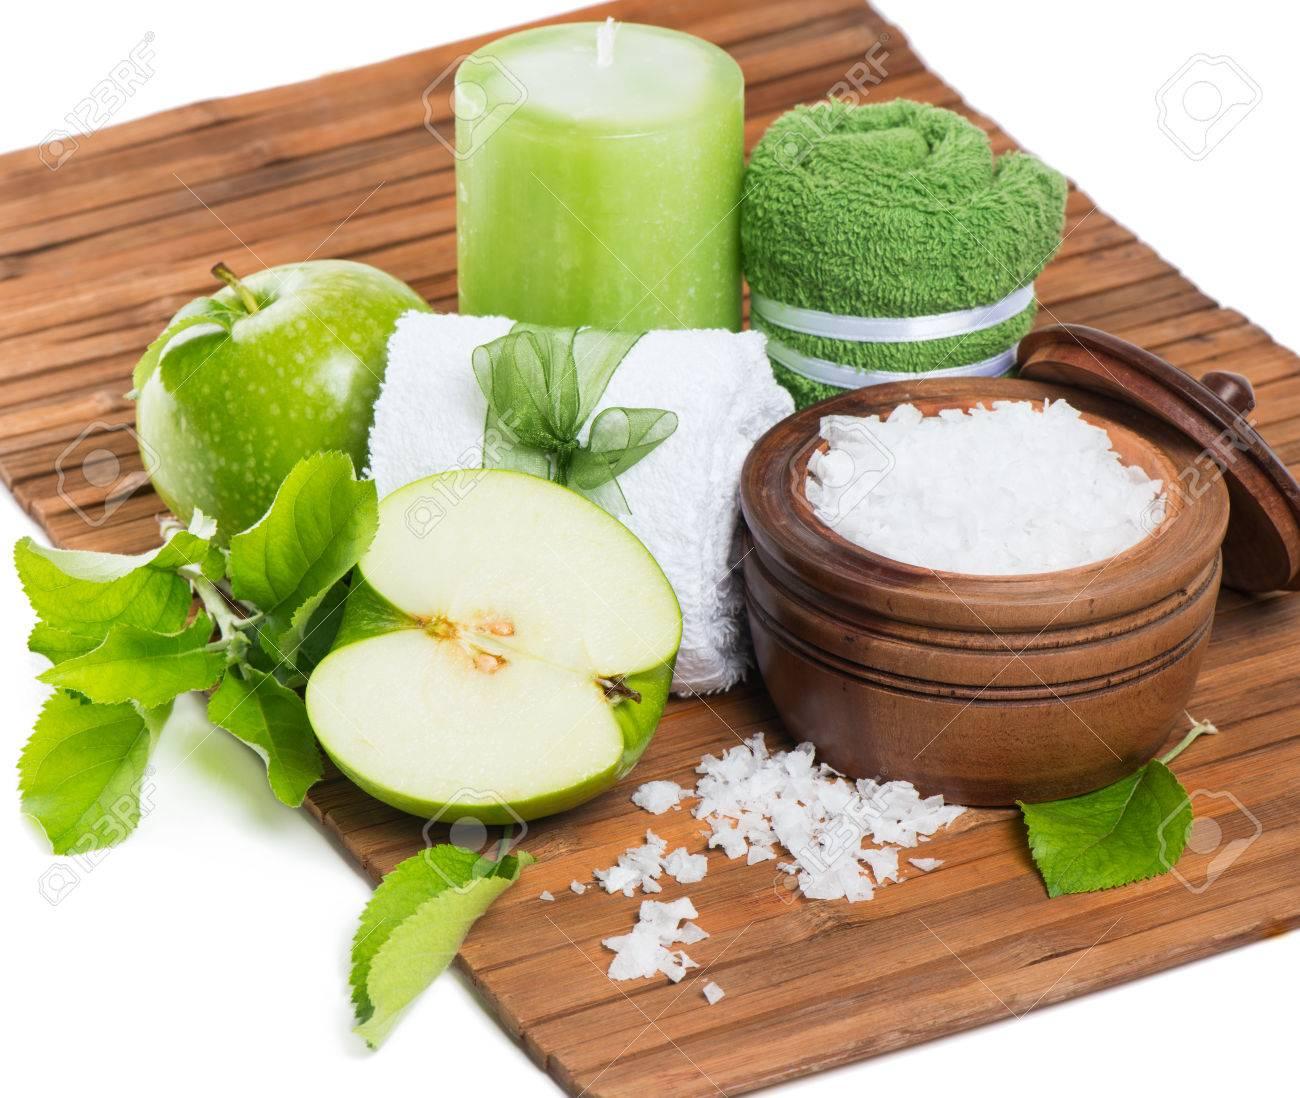 Aromatischen Apfel Bad Mit Grunem Apfel Badesalz Im Laufe Der